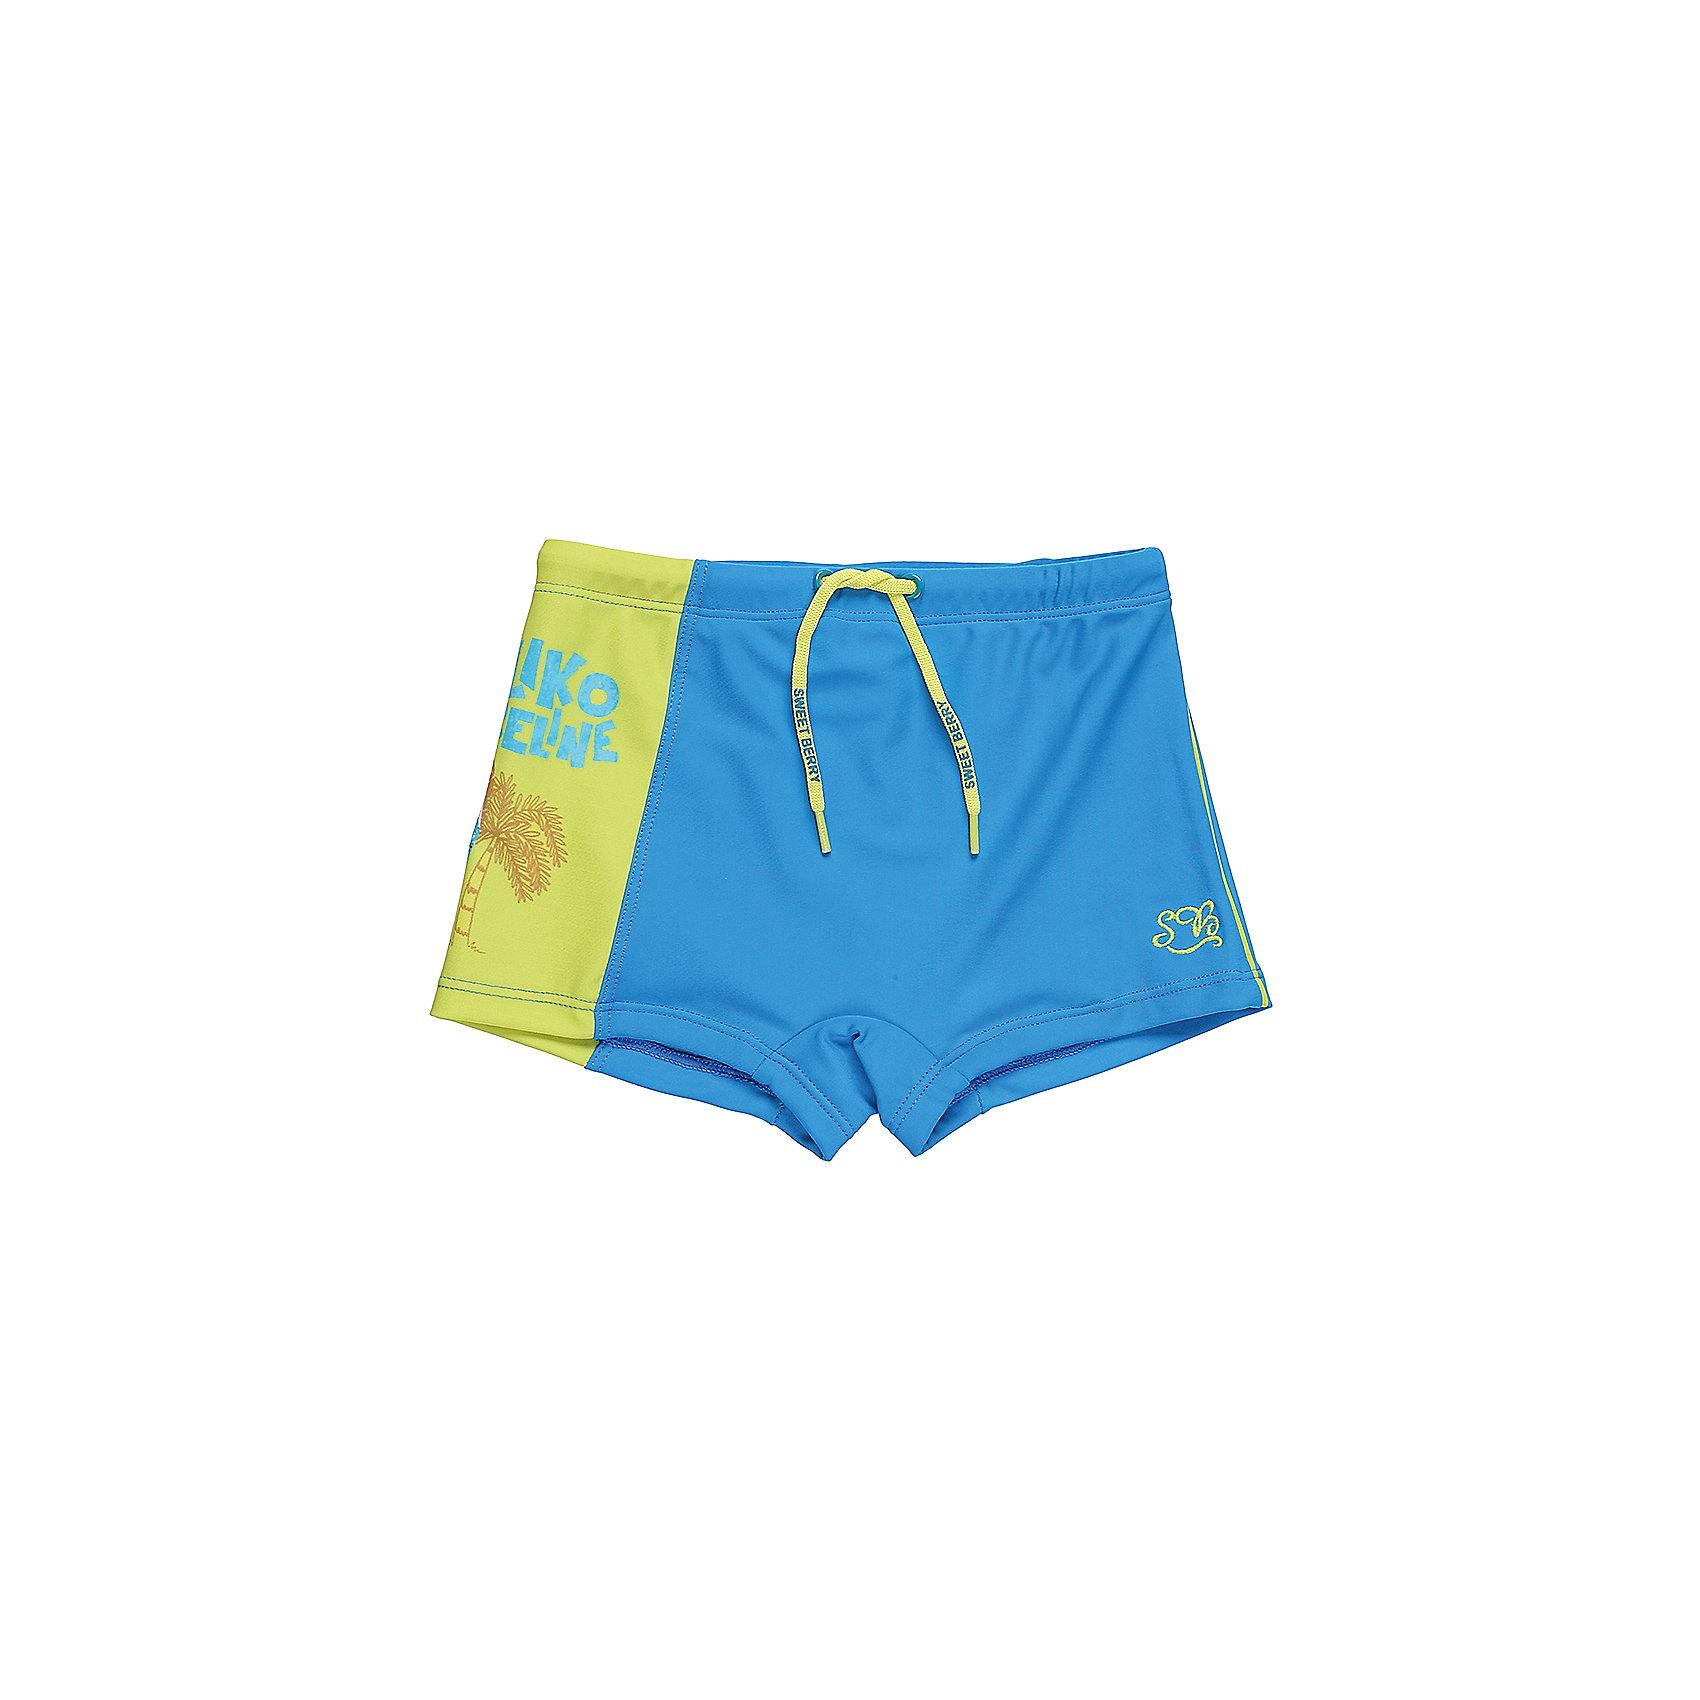 Плавки для мальчика Sweet BerryКупальники и плавки<br>Классические купальные плавки-шорты для мальчика с ярким принтом. Пояс-резинка дополнен шнуром для регулирования объема.<br>Состав:<br>85%нейлон 15% эластан<br><br>Ширина мм: 183<br>Глубина мм: 60<br>Высота мм: 135<br>Вес г: 119<br>Цвет: голубой<br>Возраст от месяцев: 18<br>Возраст до месяцев: 24<br>Пол: Мужской<br>Возраст: Детский<br>Размер: 92,104,122,116,110,98<br>SKU: 5411445